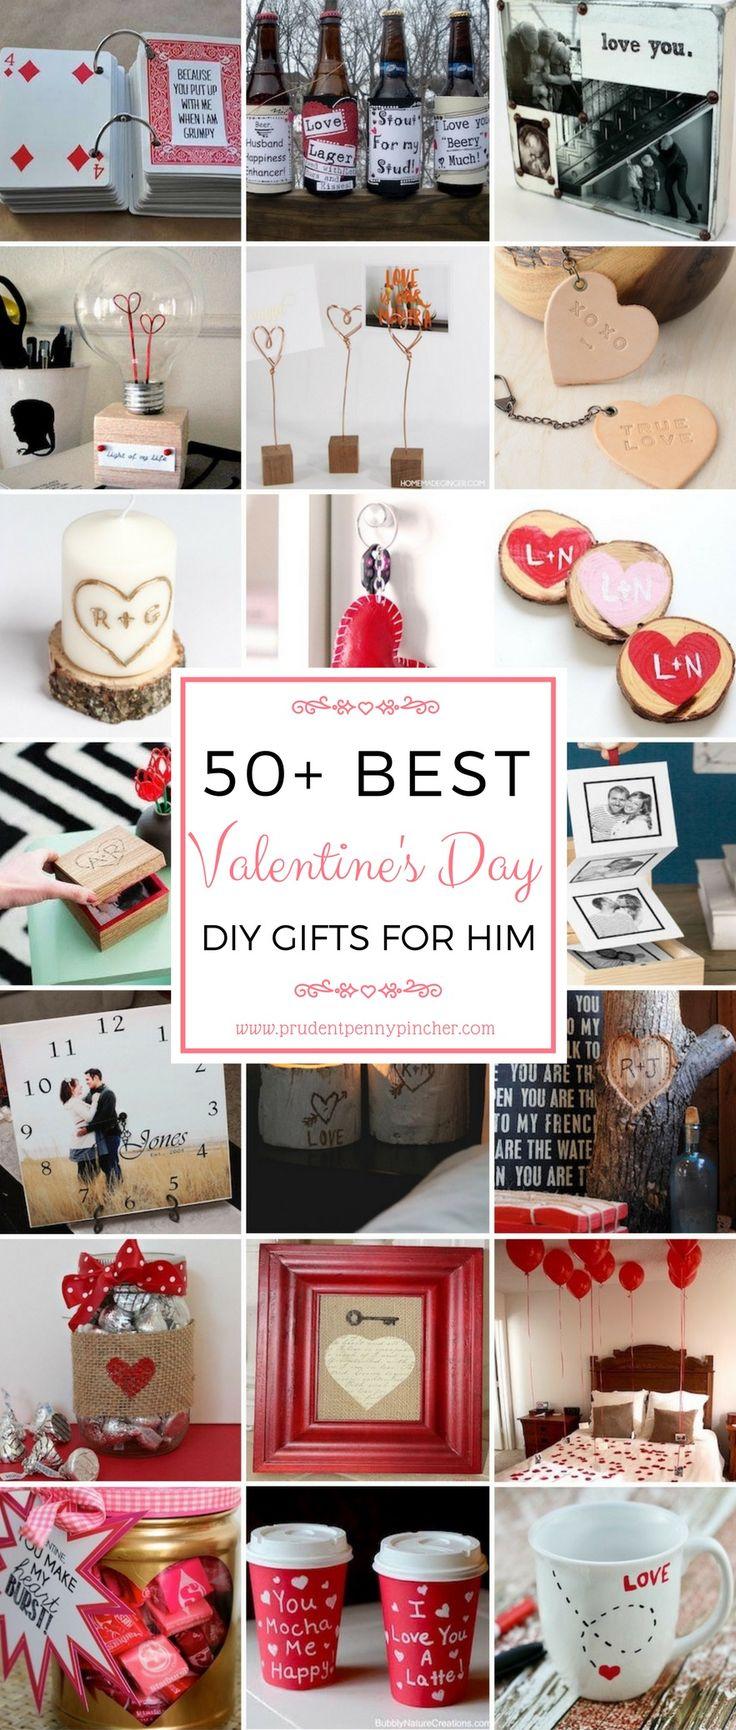 Best 25+ Diy valentine's gifts ideas on Pinterest ...